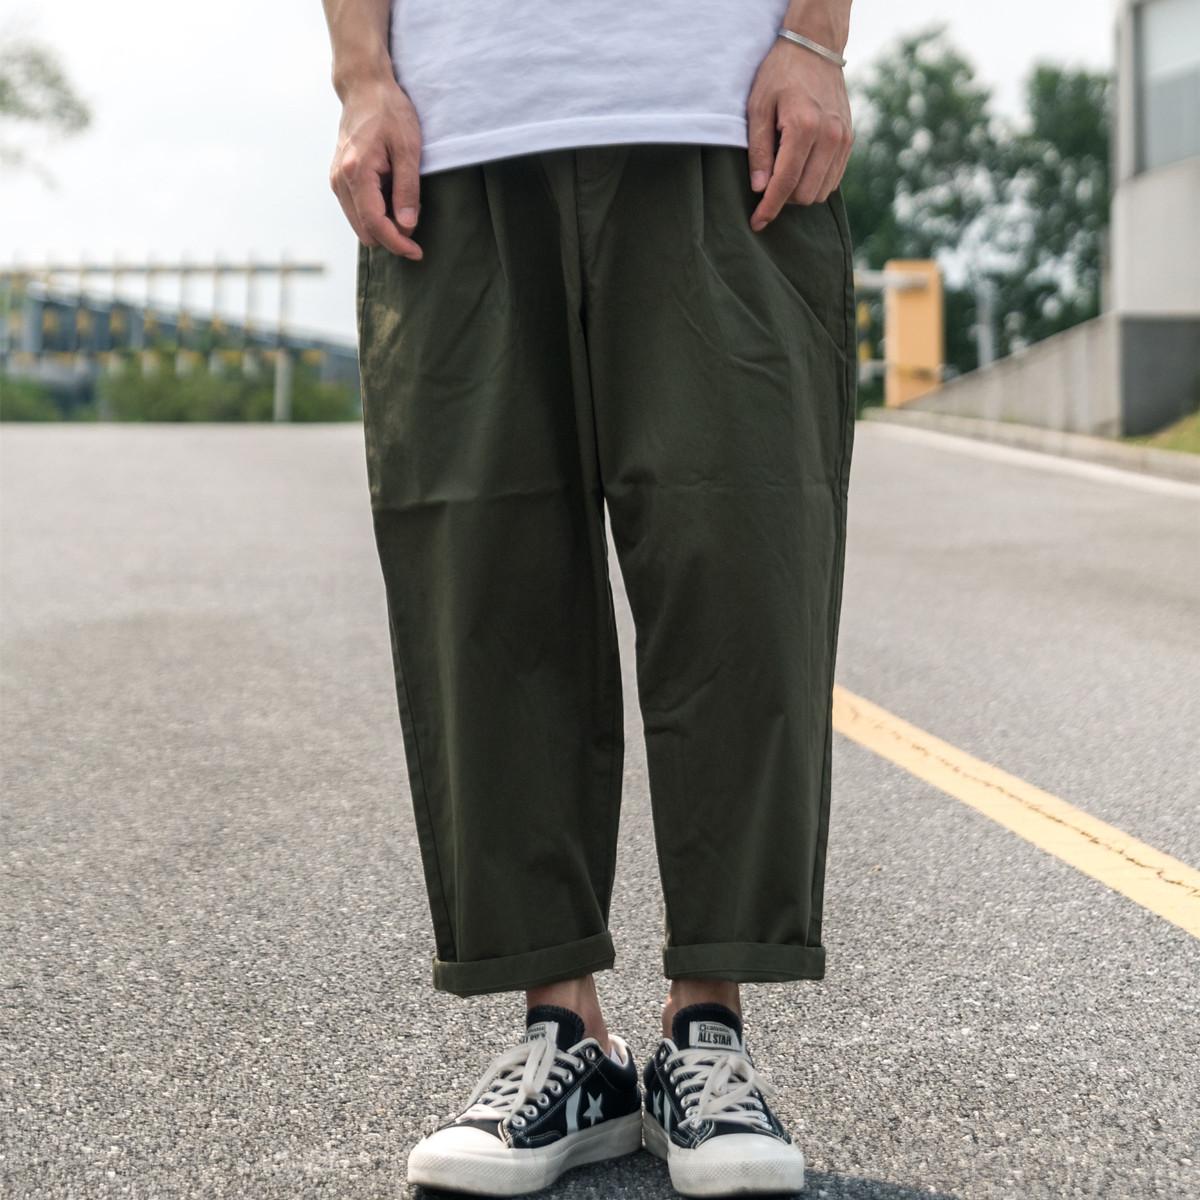 Мужские шорты / Повседневные брюки Артикул 589928069684